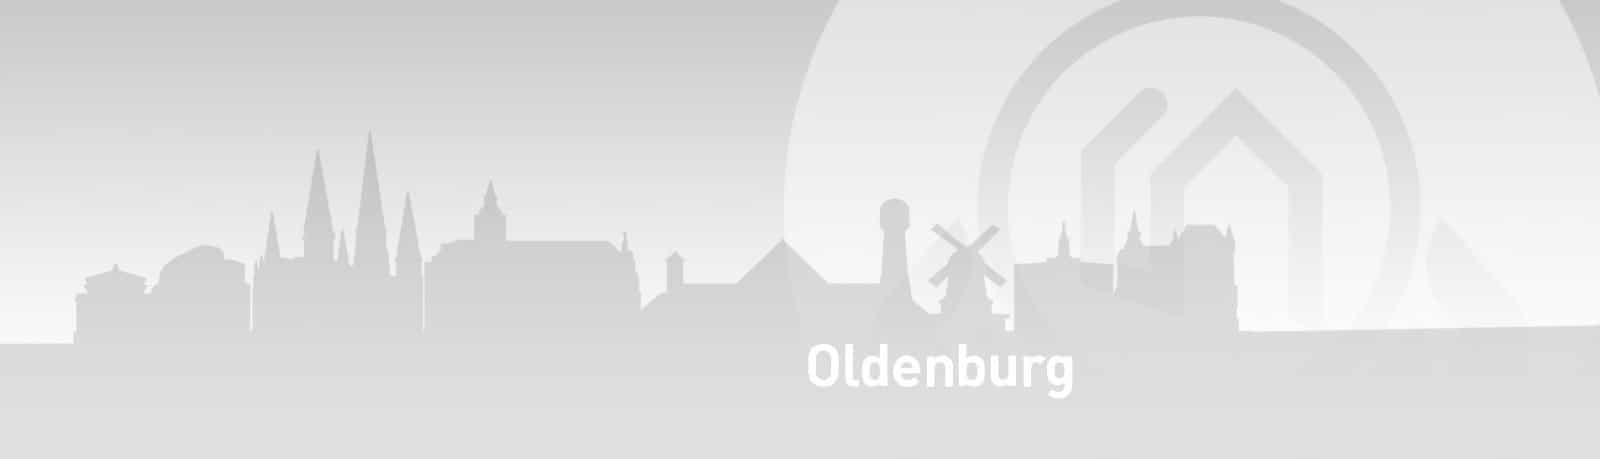 Oldenburg SENCURINA - Besondere Leistungen Oldenburg